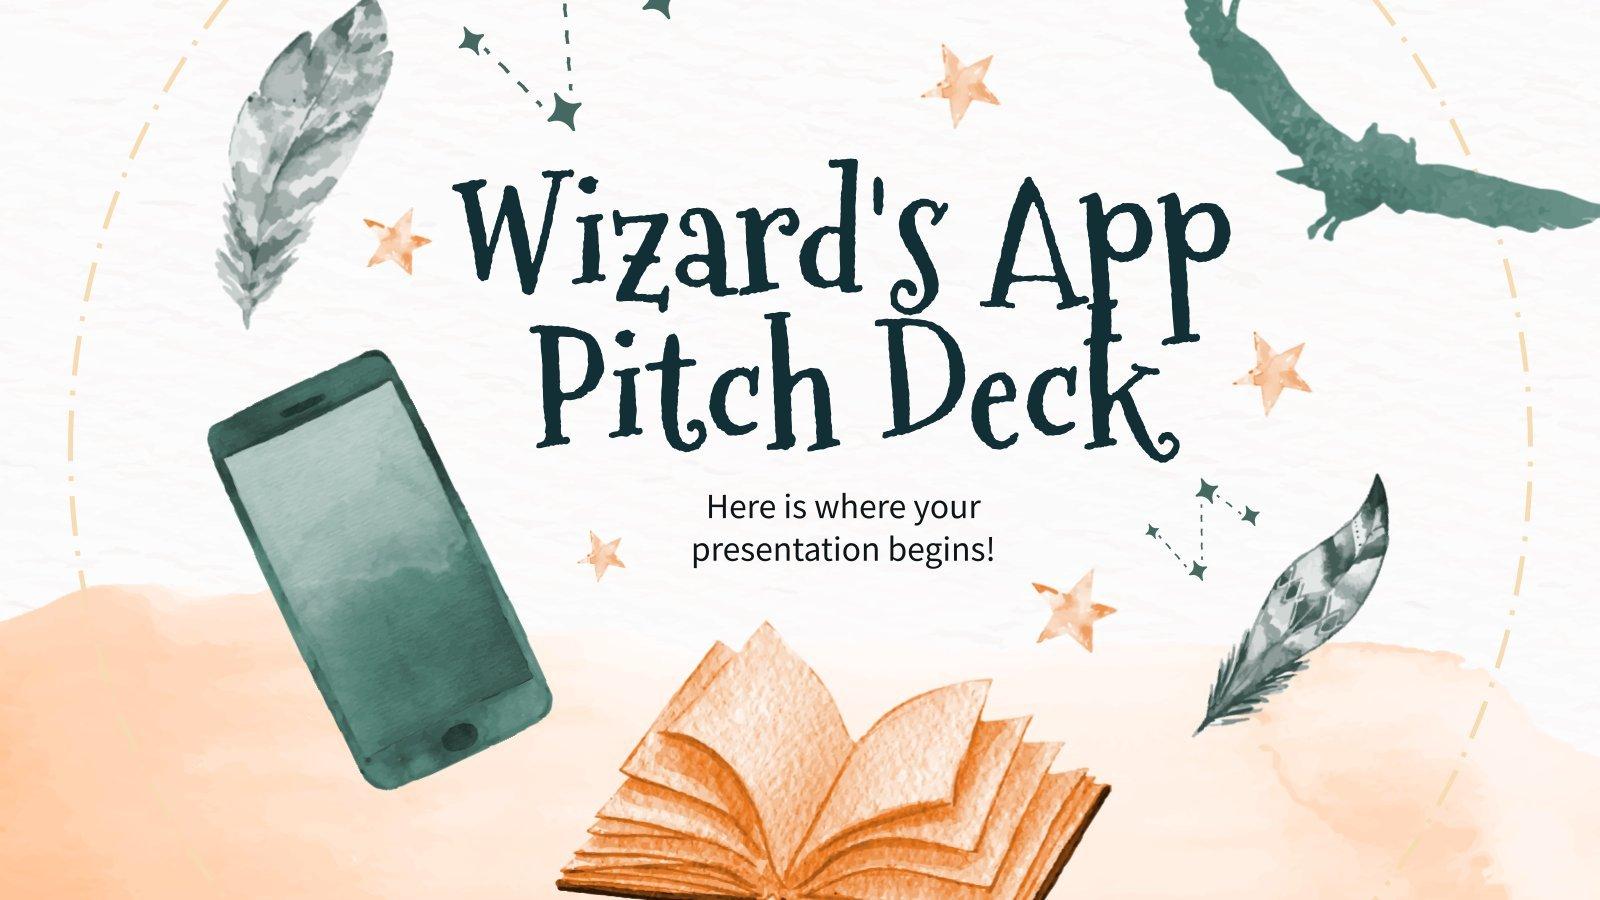 Pitch deck de l'application pour sorciers : Modèles de présentation